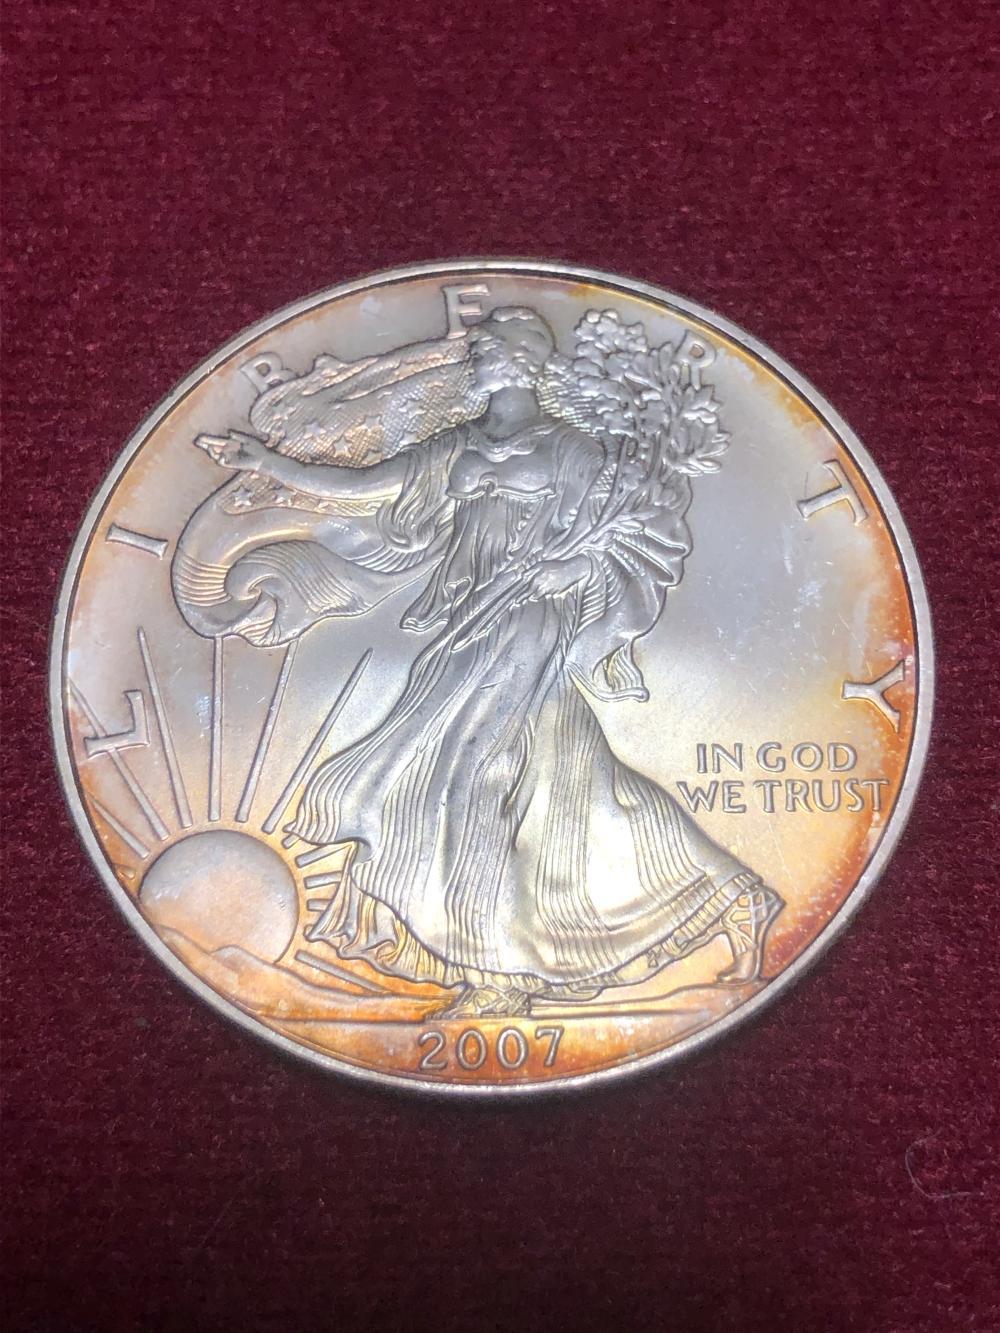 2007 American eagle 1 oz silver dollar coin